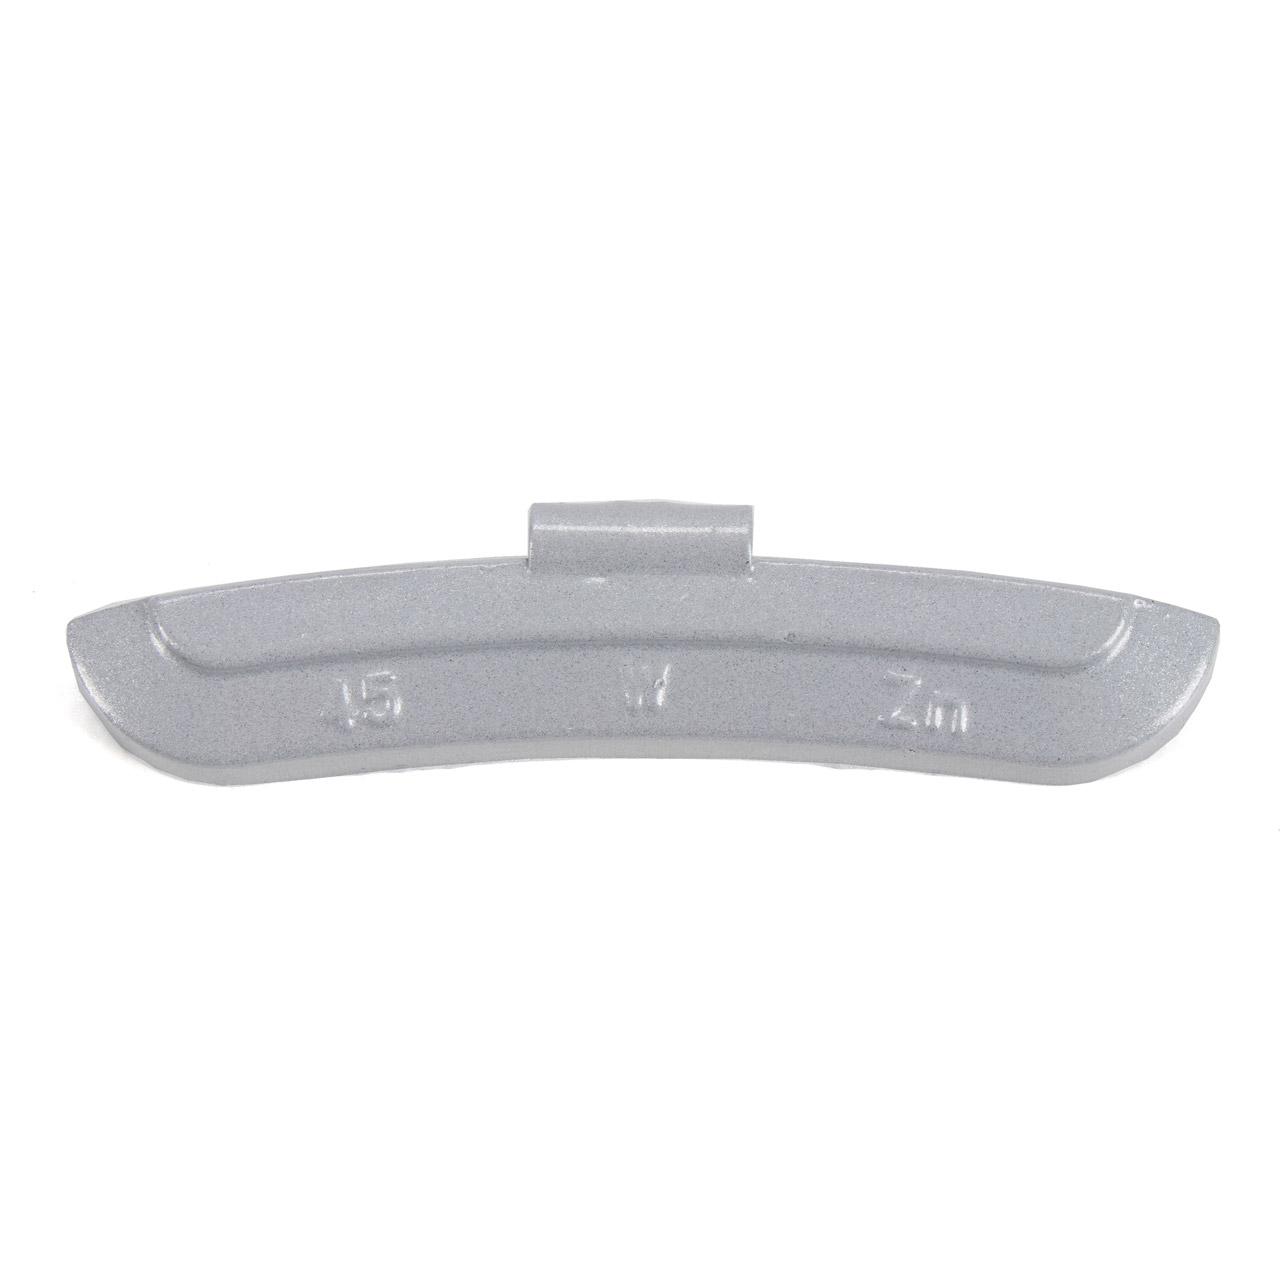 GEMATIC Auswuchtgewicht Schlaggewicht für Stahlfelge GRAU-ZINK 50 Stück x 45g